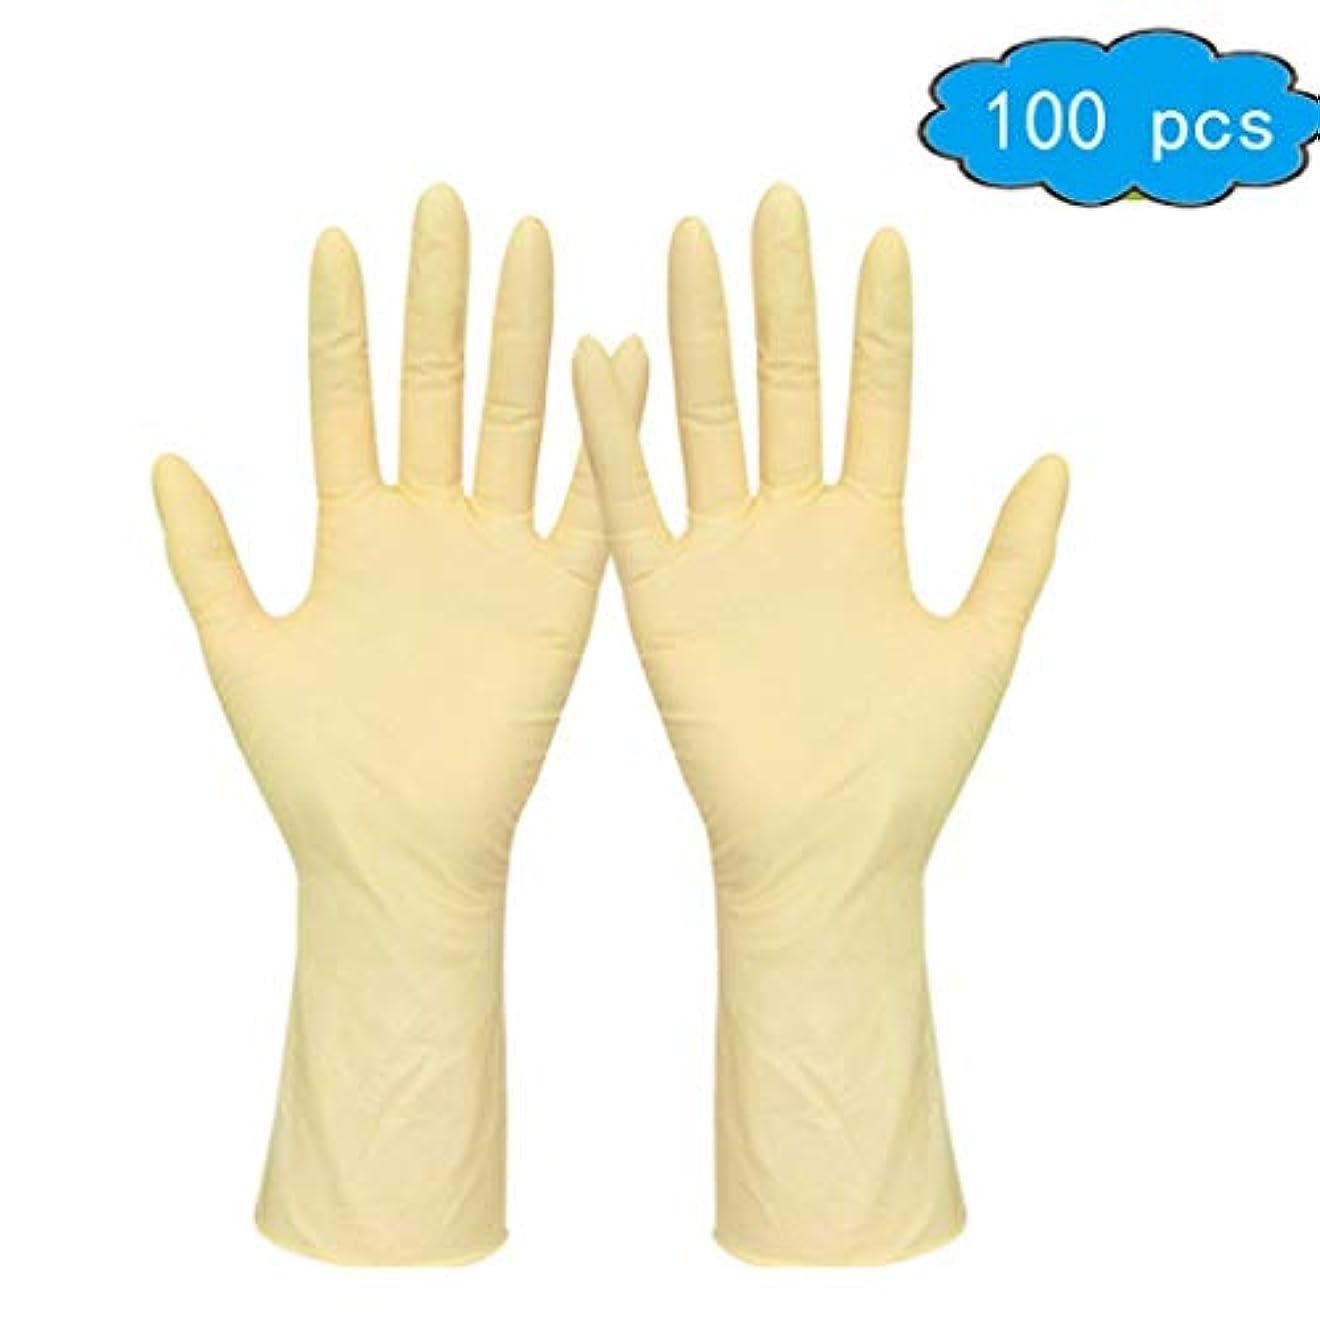 欠伸食堂悪性の使い捨てラテックス手袋 - 100 /パック、ラボ、安全?作業手袋 (Color : Beige, Size : S)